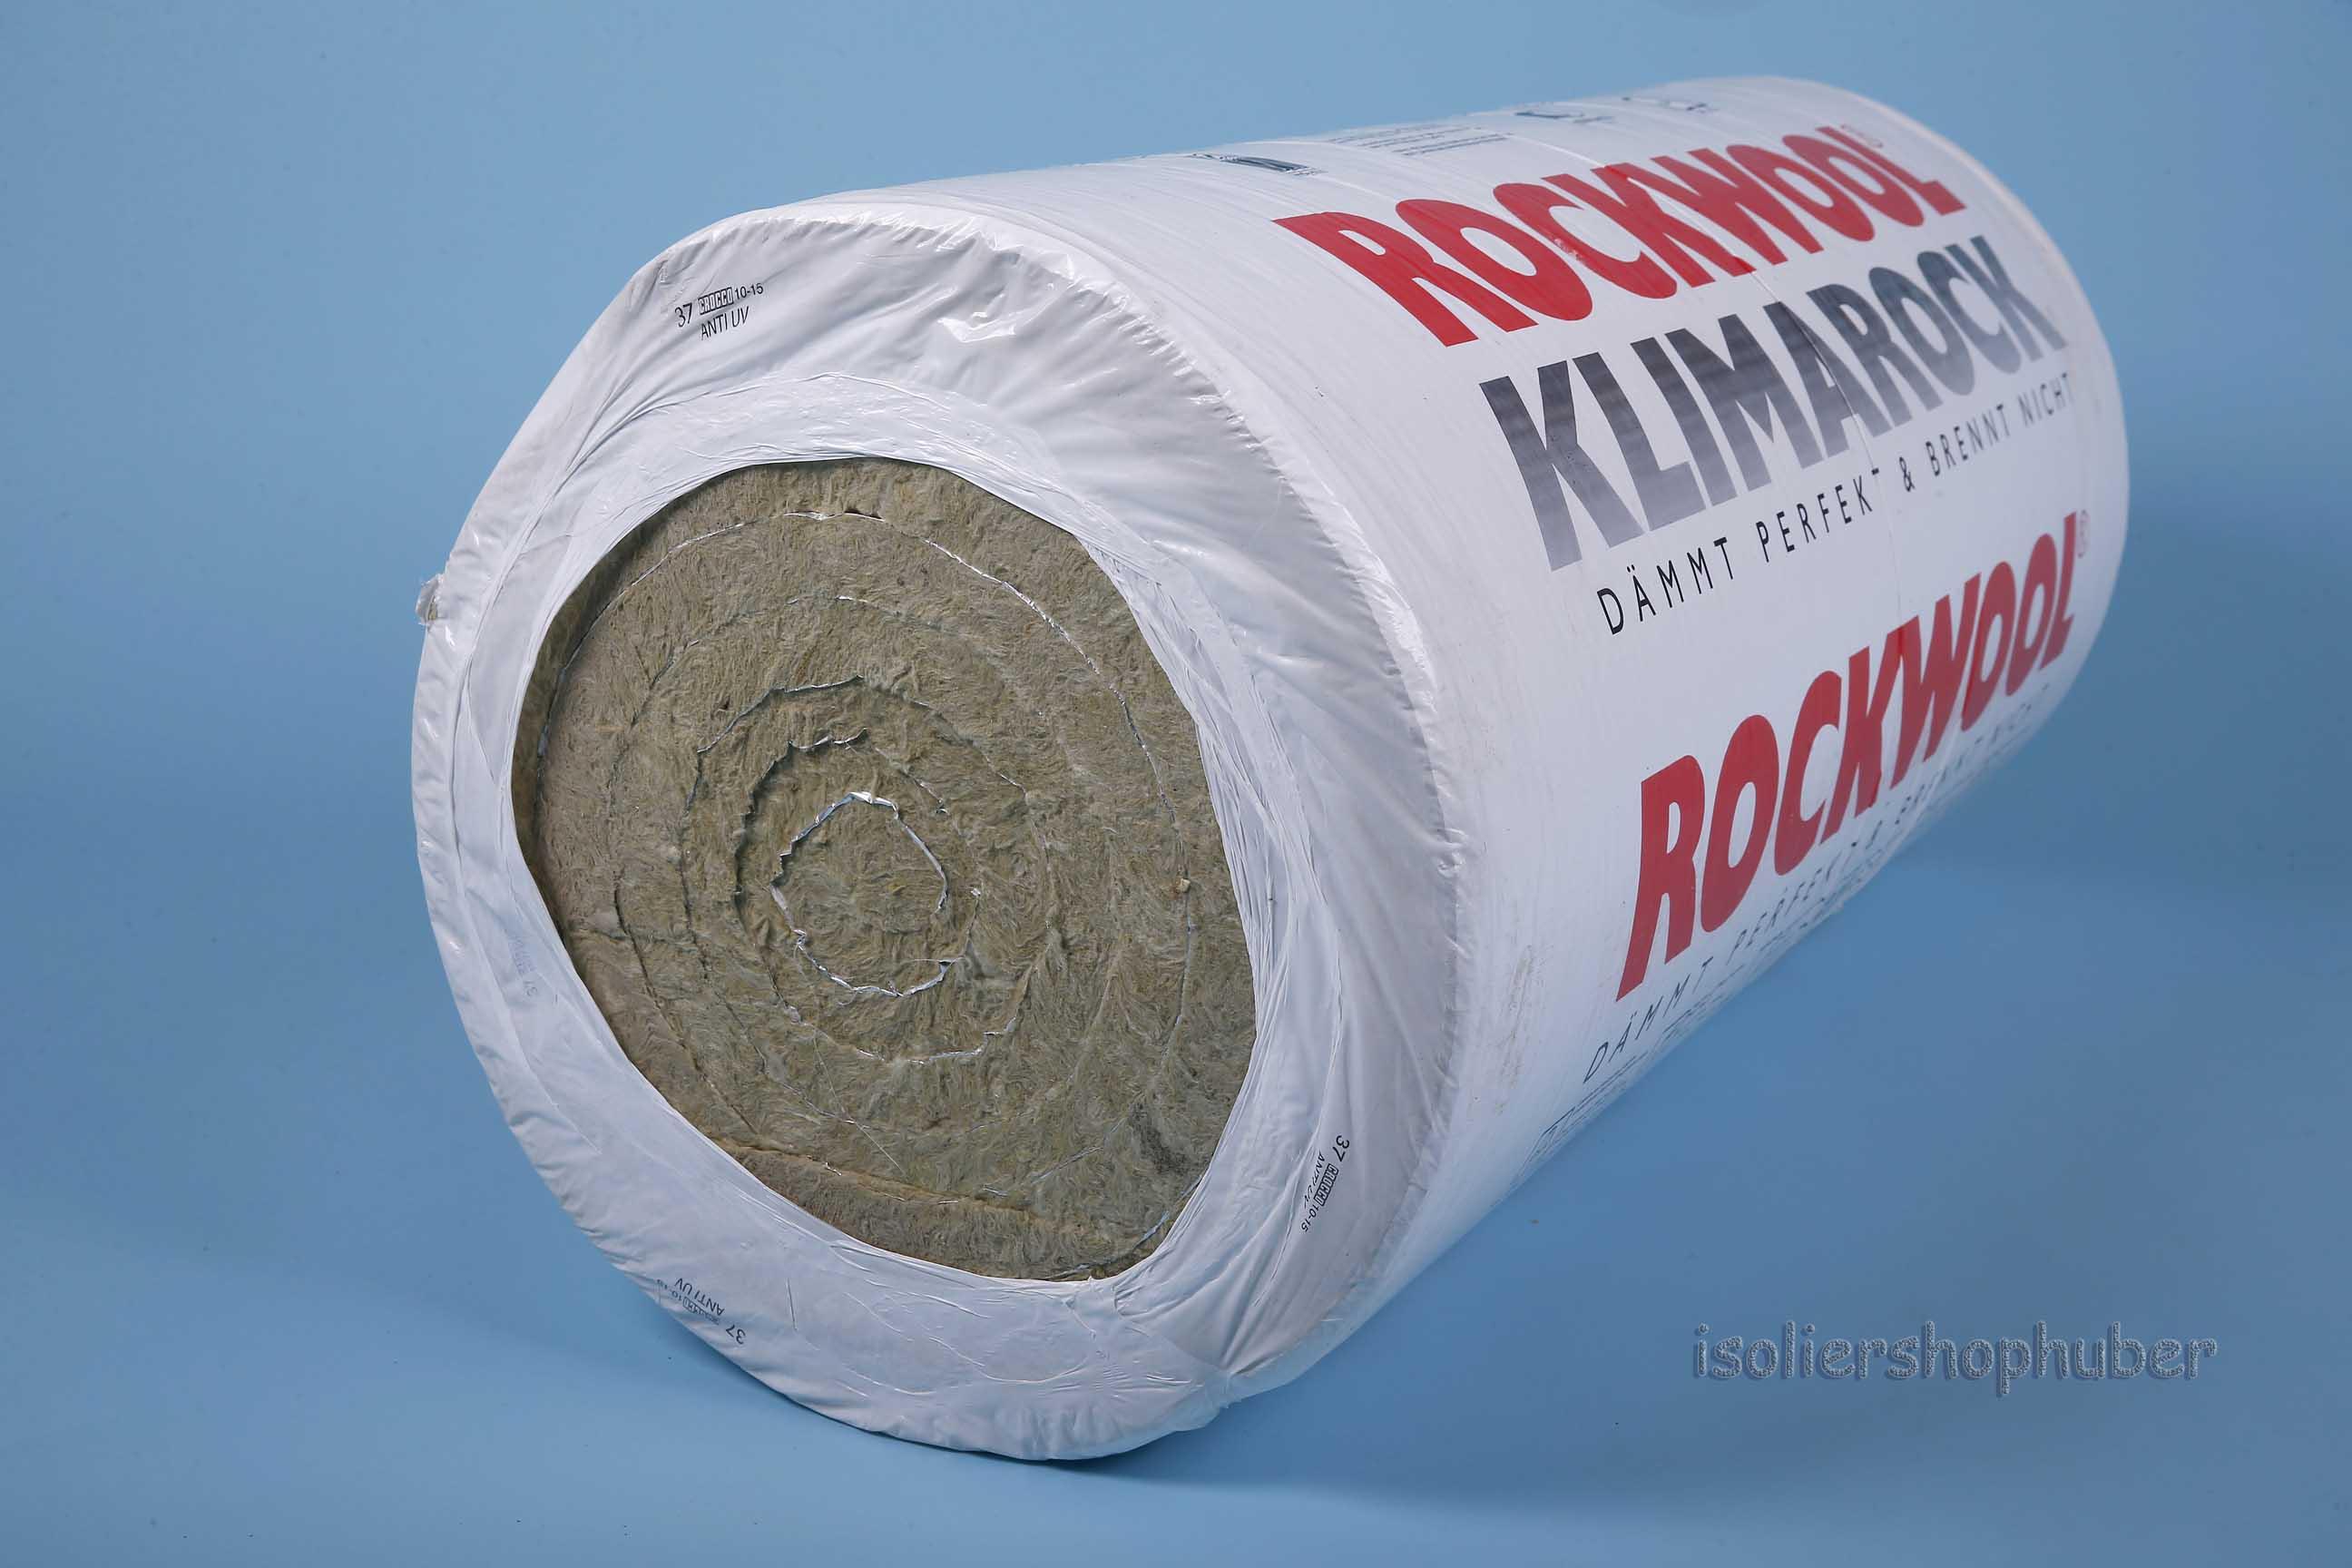 Isoliershophuber 40 Mm 4 65 M Rockwool Klimarock Steinwolle